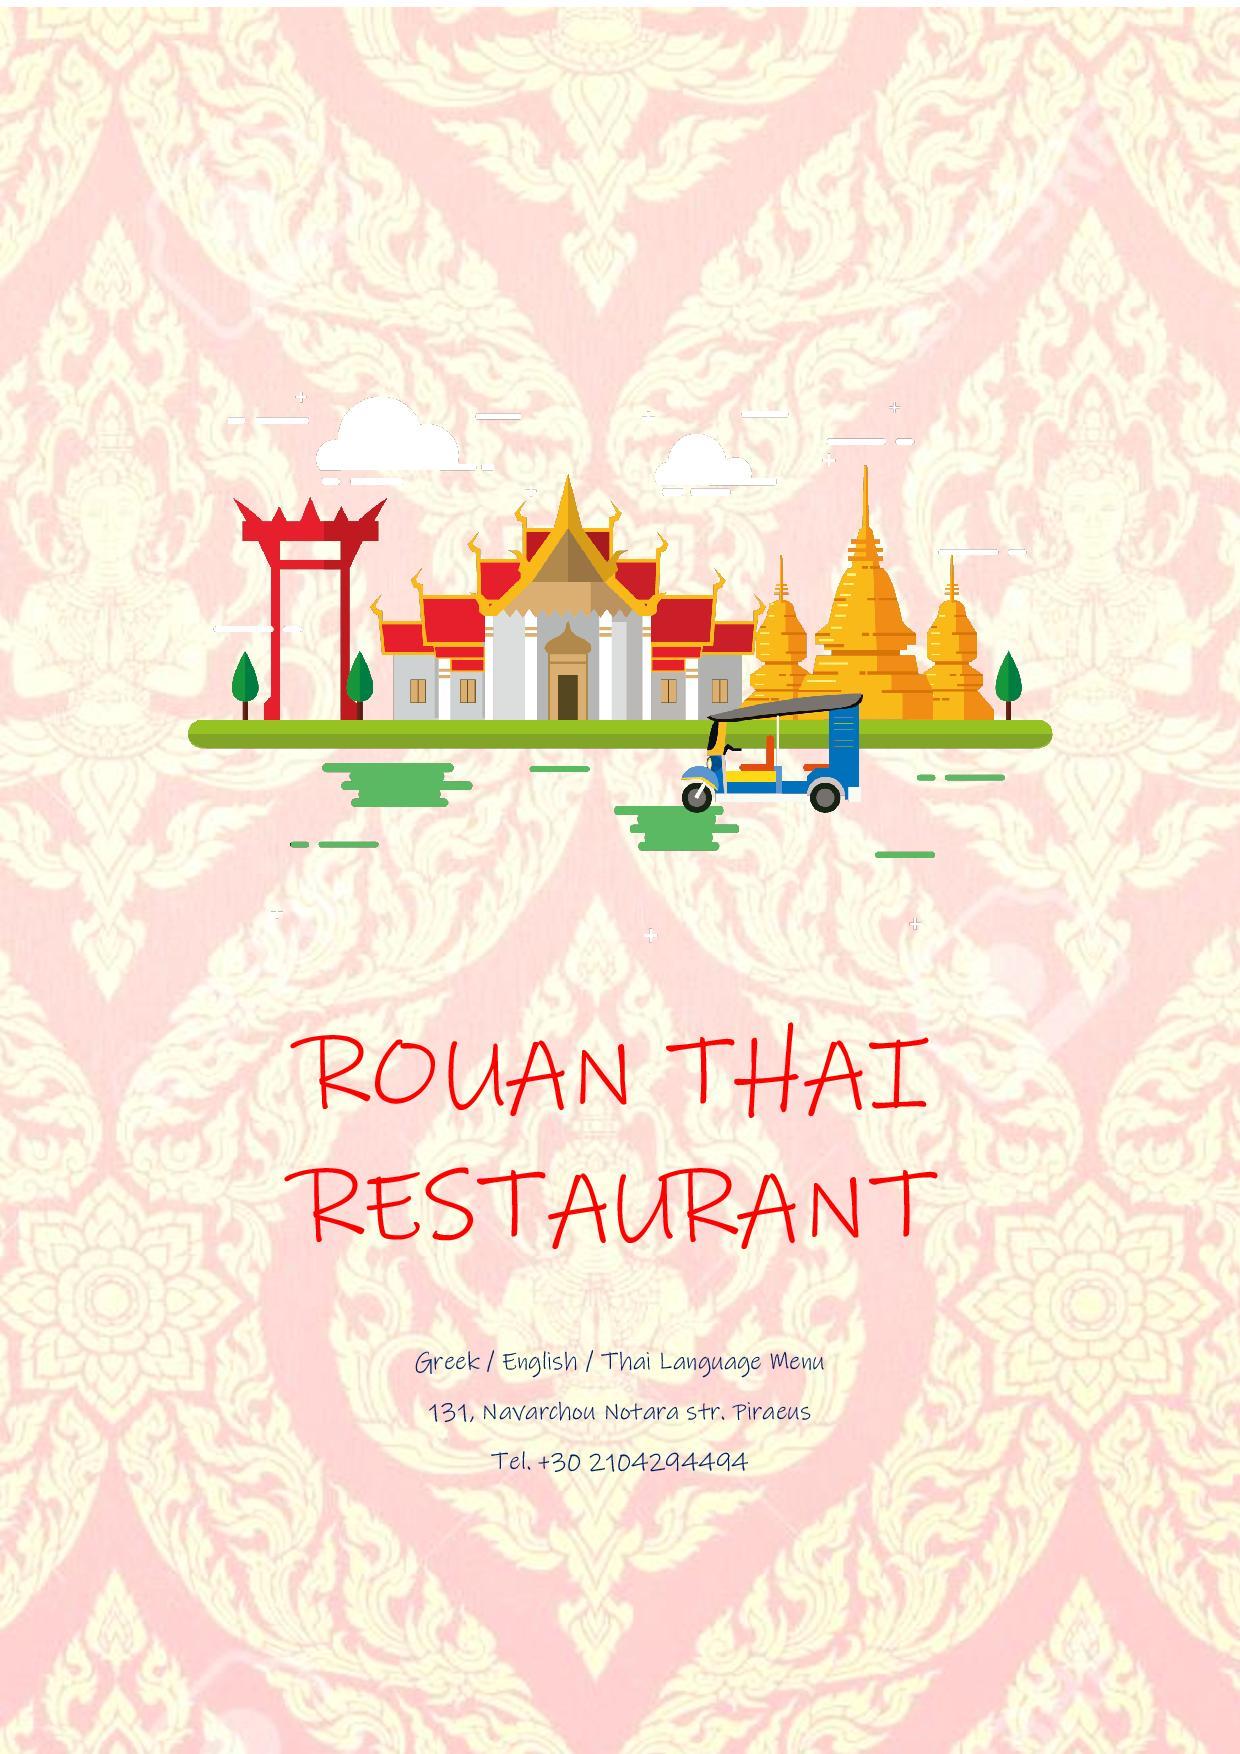 Rouan Thai Restaurant